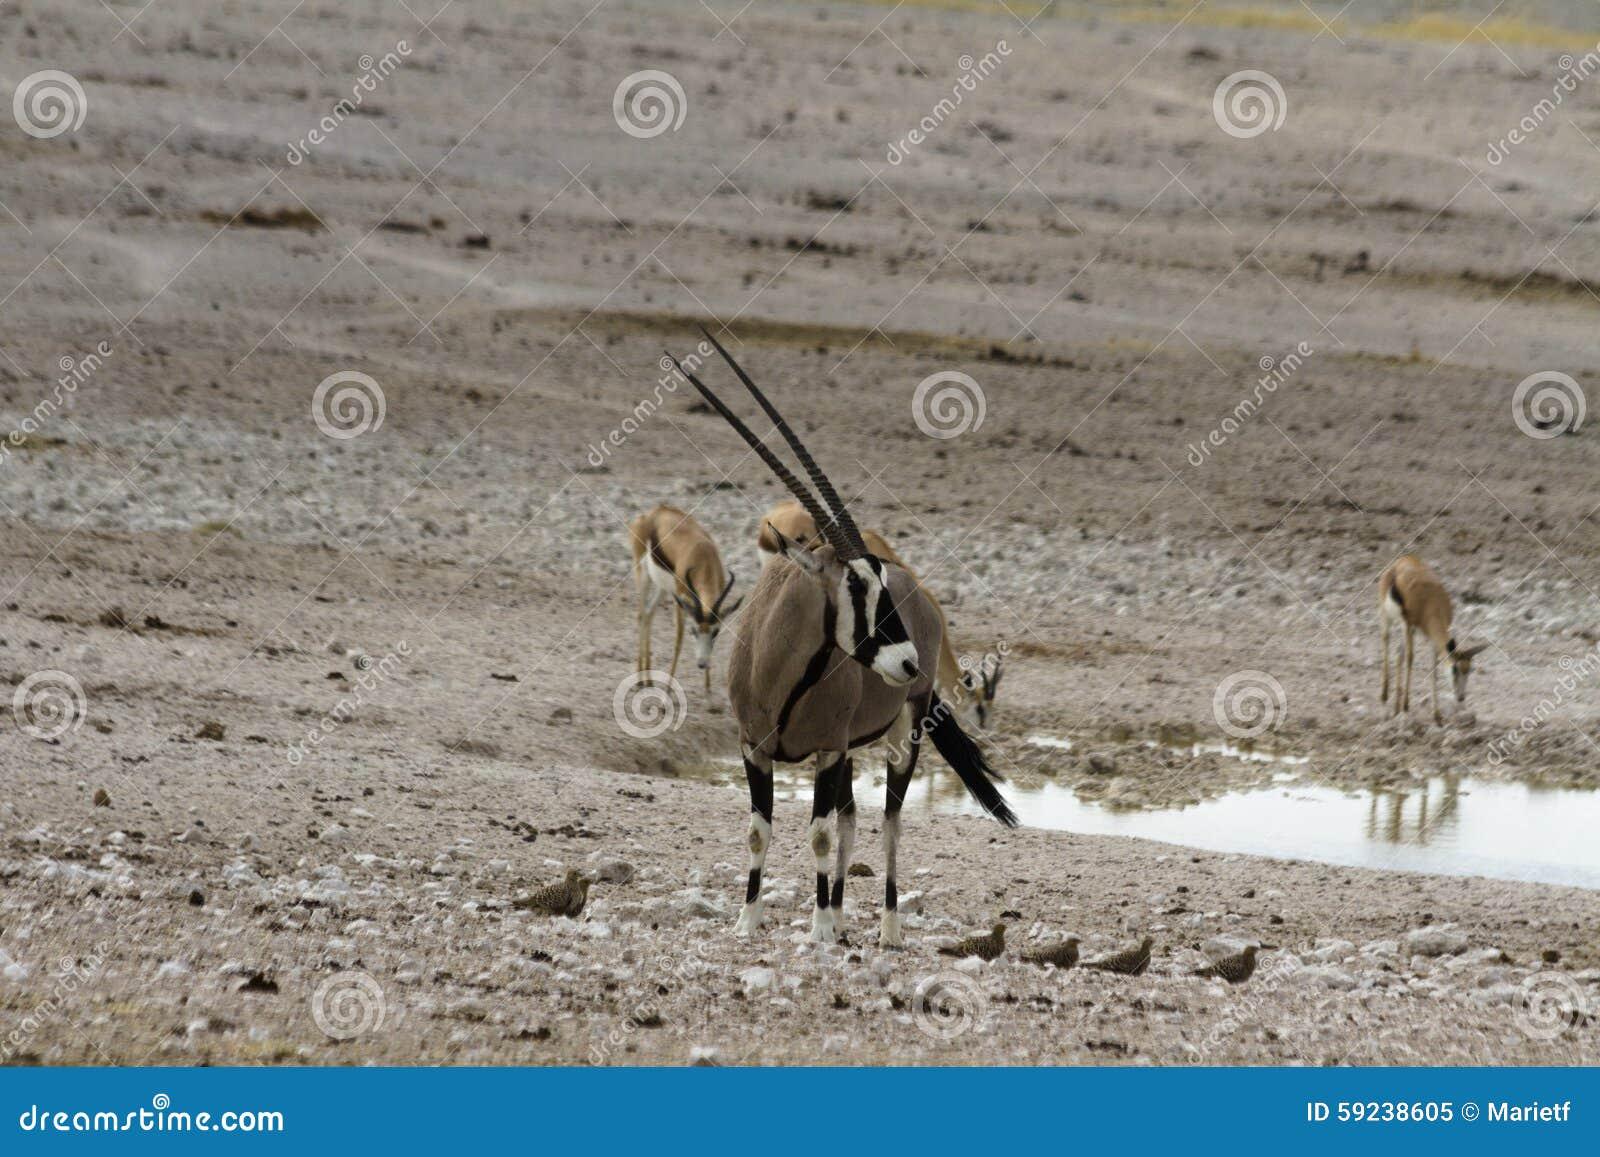 Download Agujero De Riego Cercano Del Gemsbok, Parque Nacional De Etosha, Namibia Imagen de archivo - Imagen de aventura, claxones: 59238605